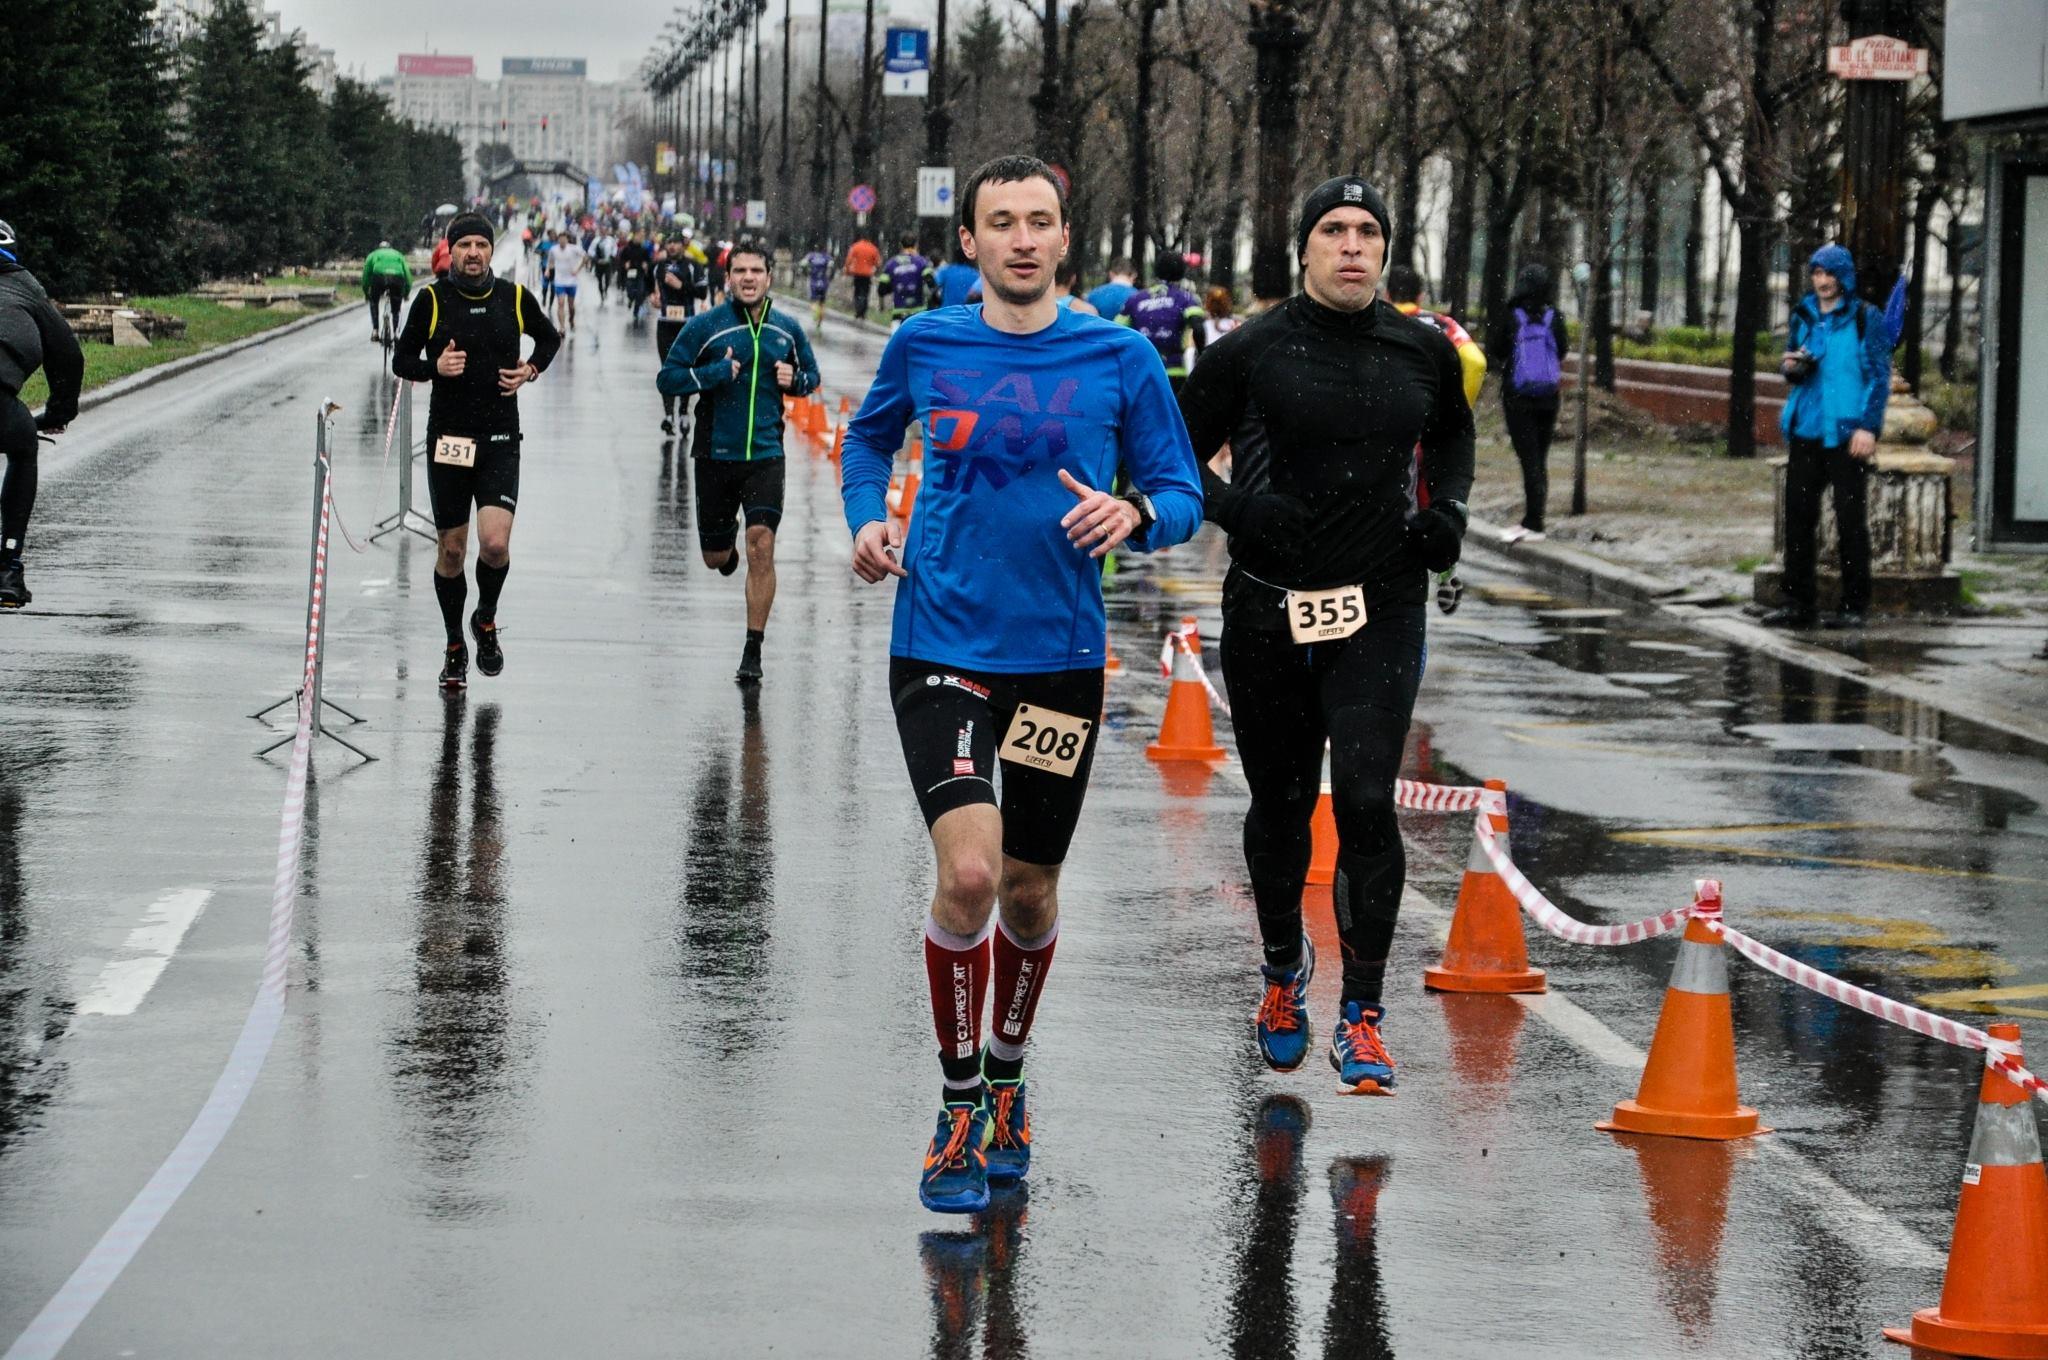 Campionatul National de Duatlon - alergare tura 1 - Emilian Nedelcu